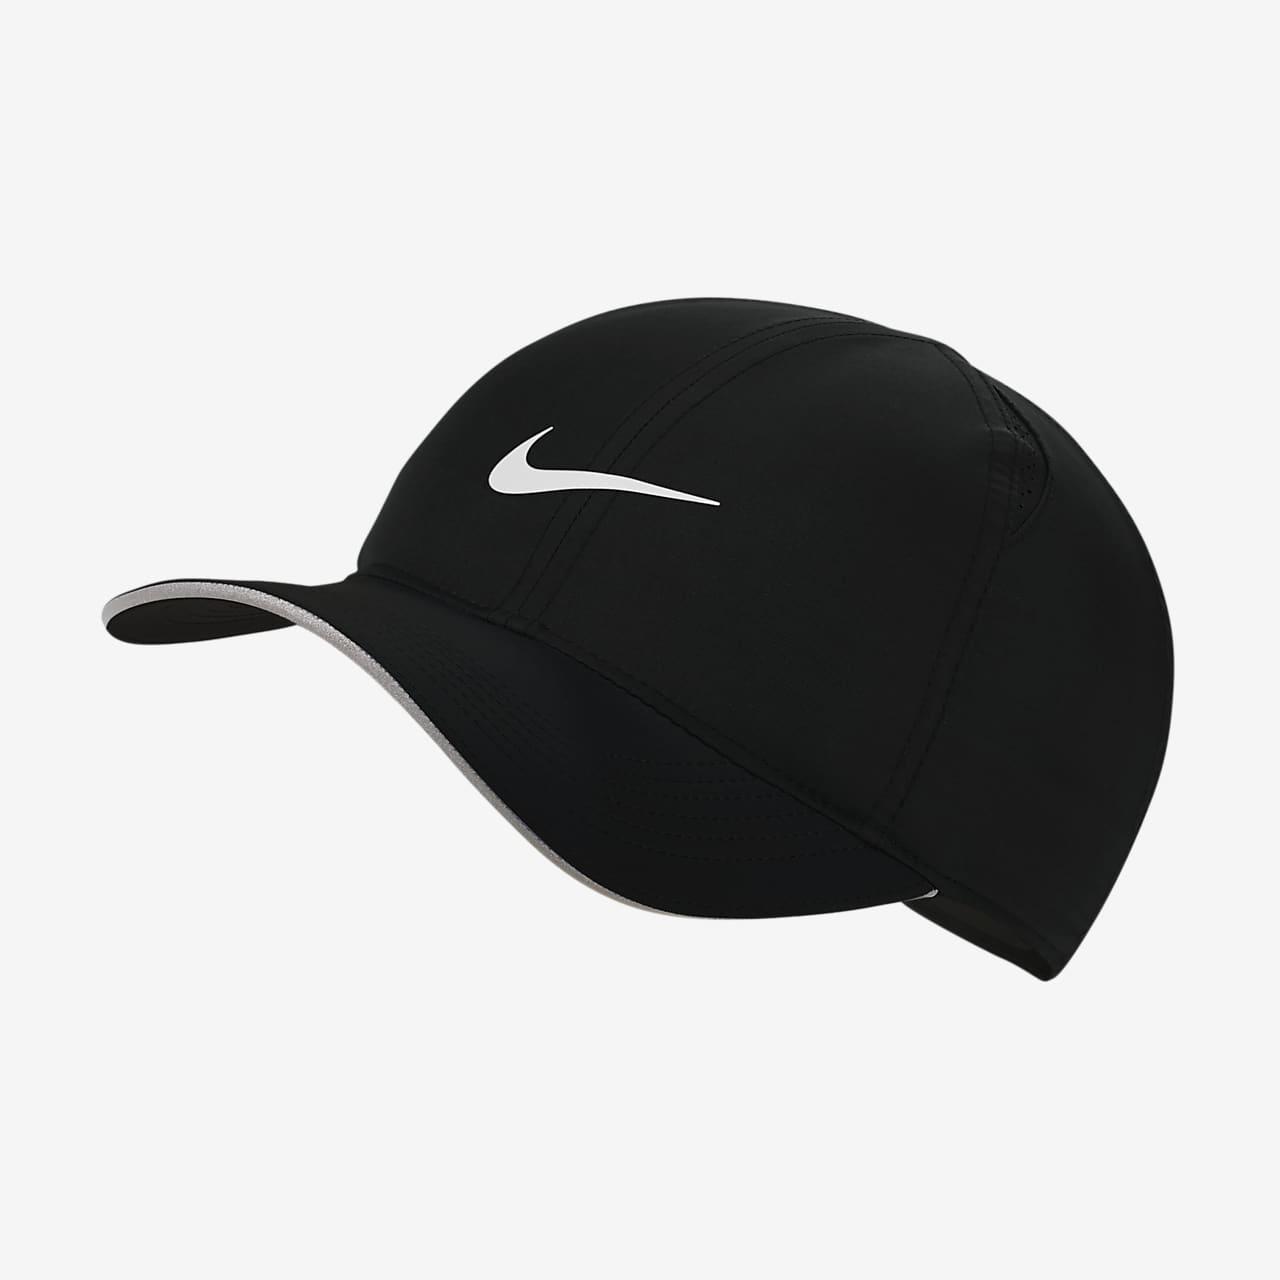 Nike Featherlight Adjustable Running Hat